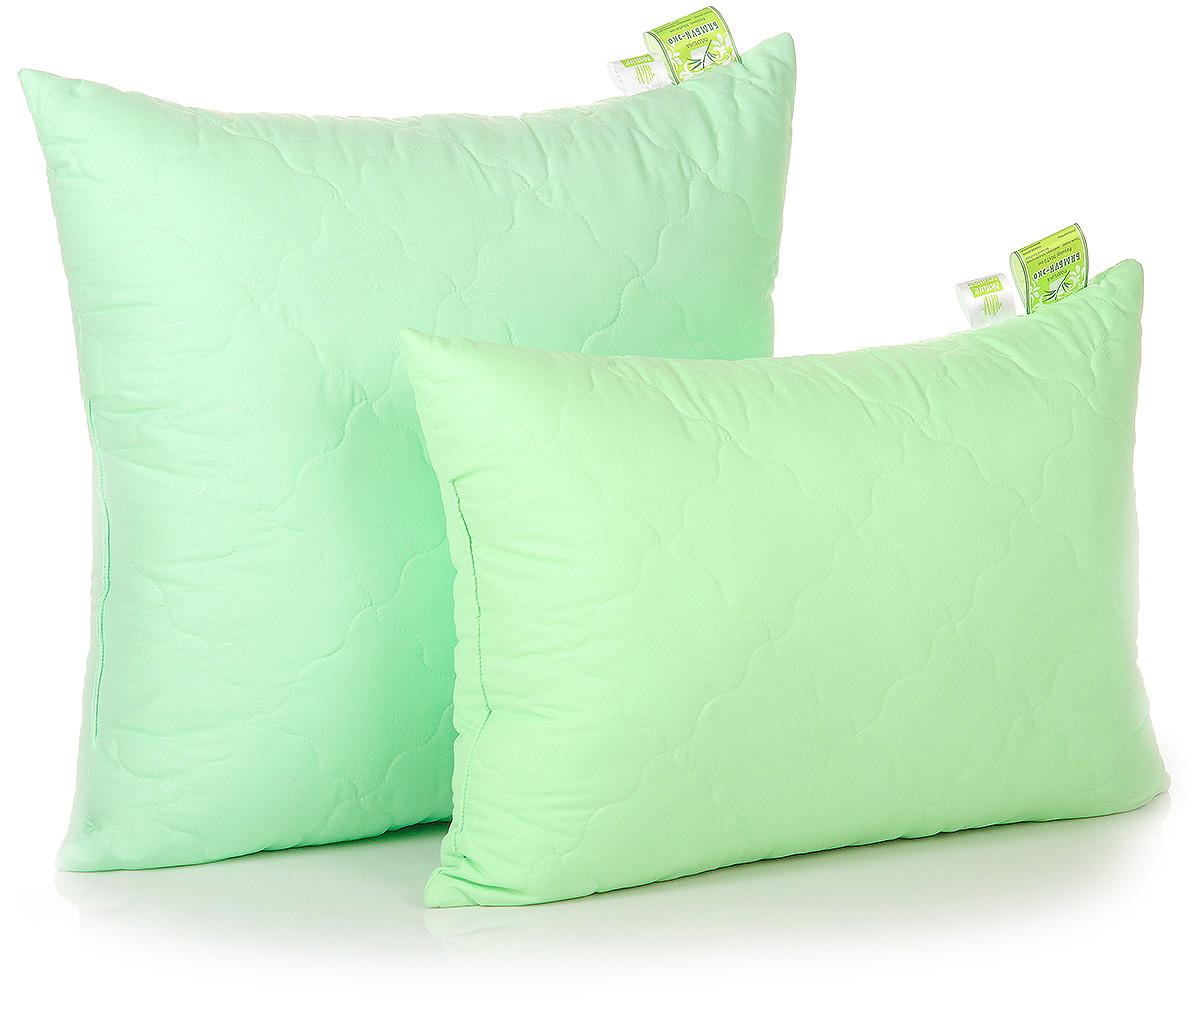 Подушка Belashoff Бамбук-Эко, цвет: зеленый, 50 х 70 смПБ 2 - 2Коллекция Бамбук-Эко — облегченный вариант изделий с наполнителем из бамбукового волокна: одеяло, стеганое фантазийными узорами стежки, идеально подходит для летнего сезона, а использование современных синтетических тканей повышает износостойкость изделий.